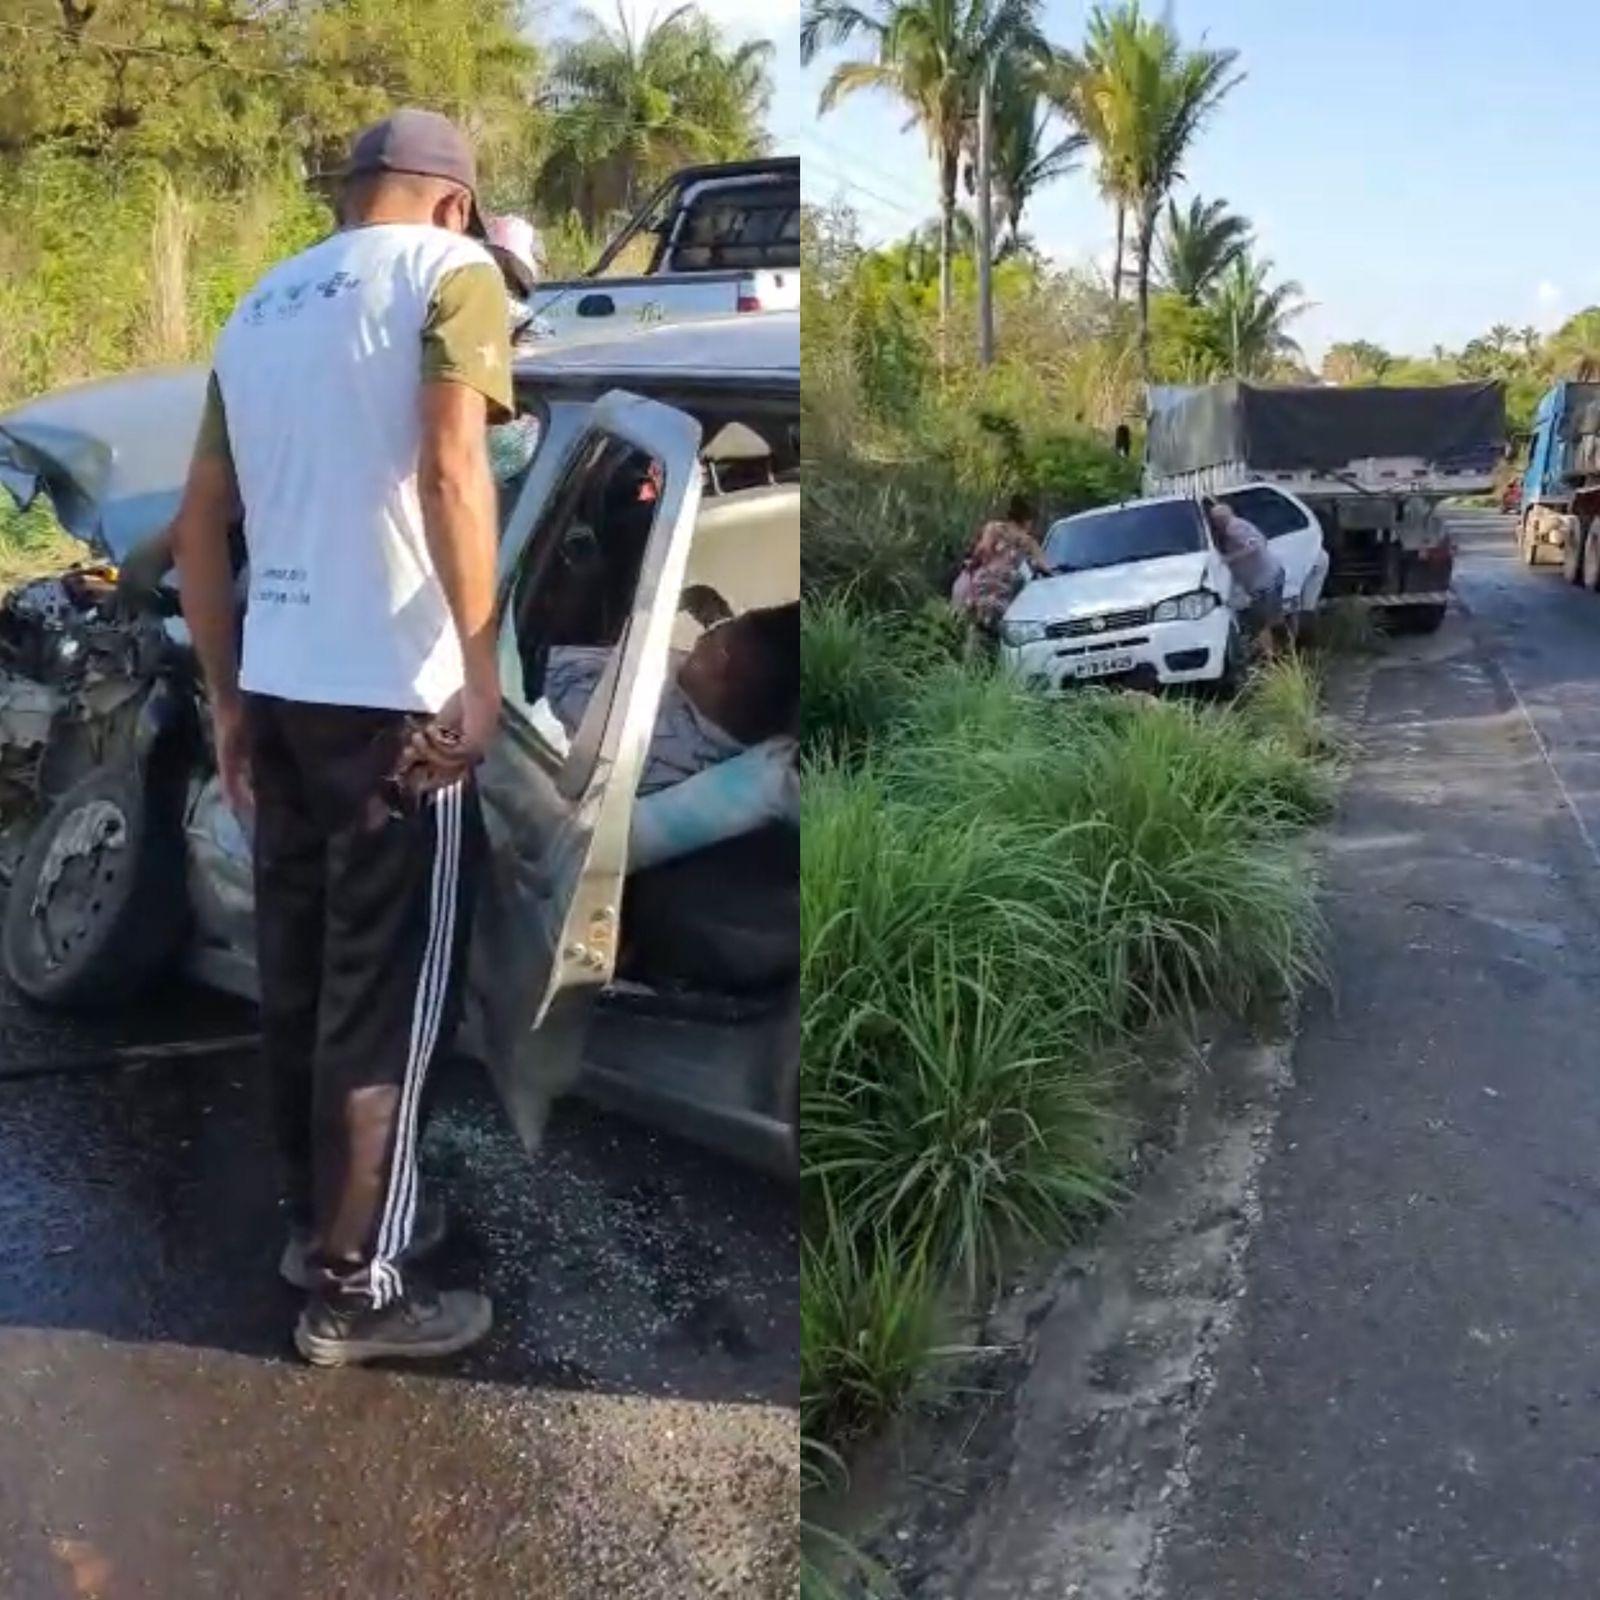 Acidente aconteceu na saída de Teresina, na PI-130 - Foto: Reprodução/Redes Sociais